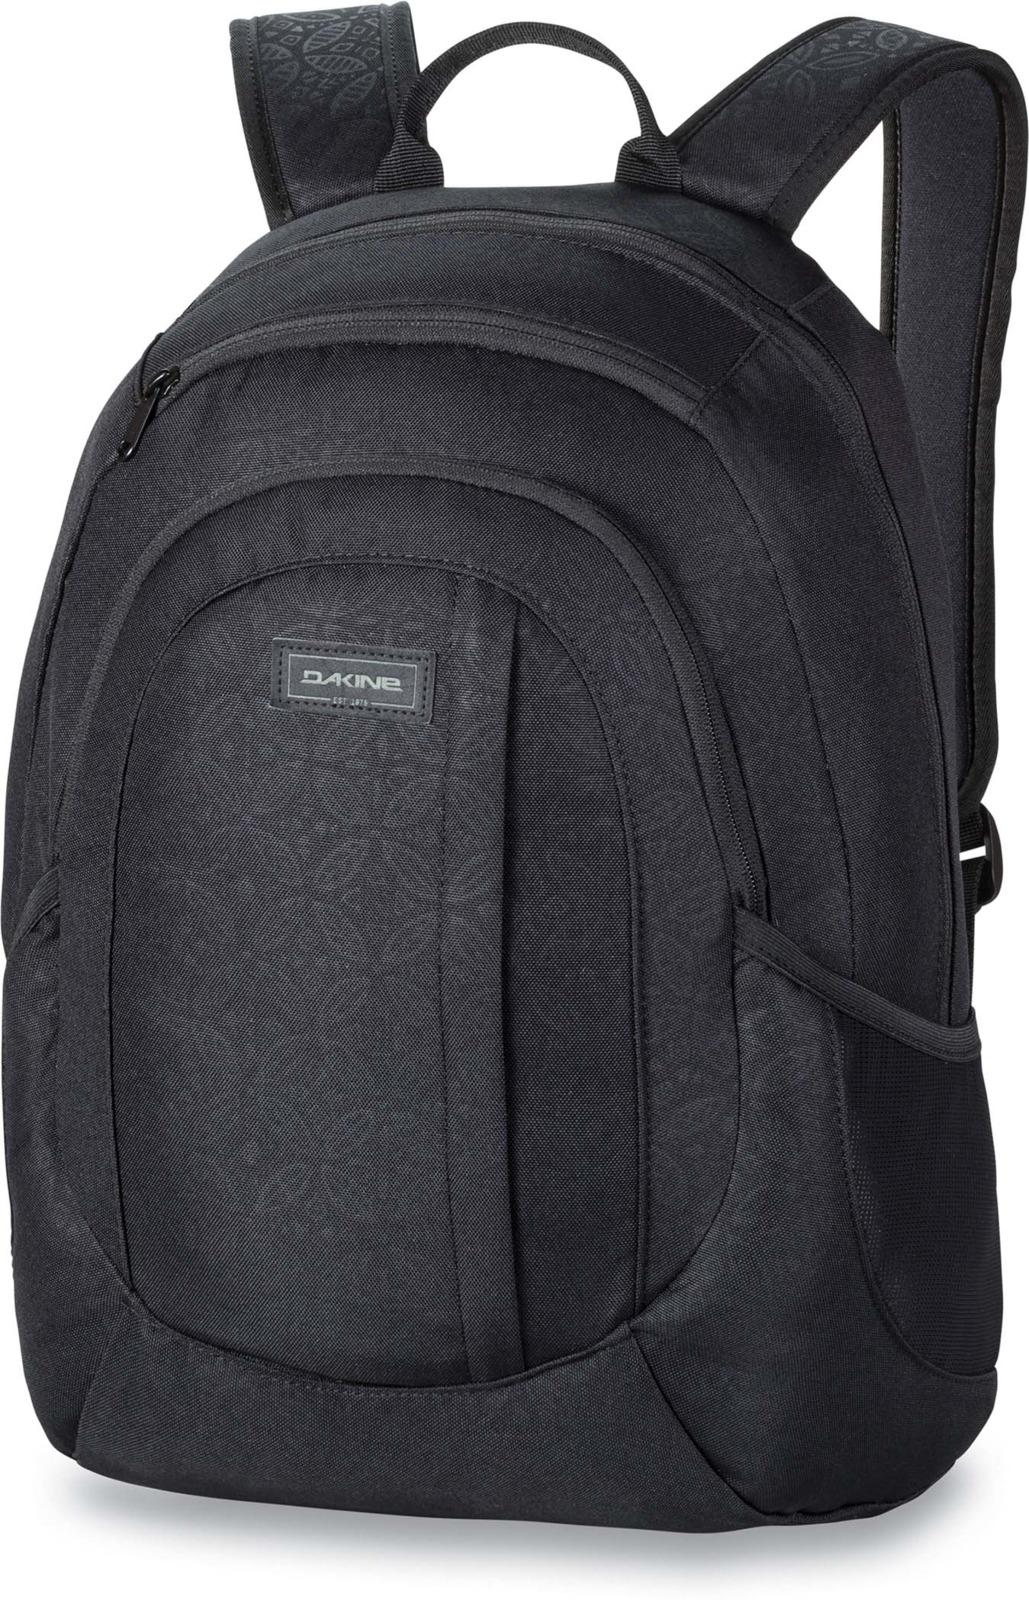 Рюкзак женский Dakine Garden, цвет: черный, 20 л oiwas ноутбук рюкзак мода случайные